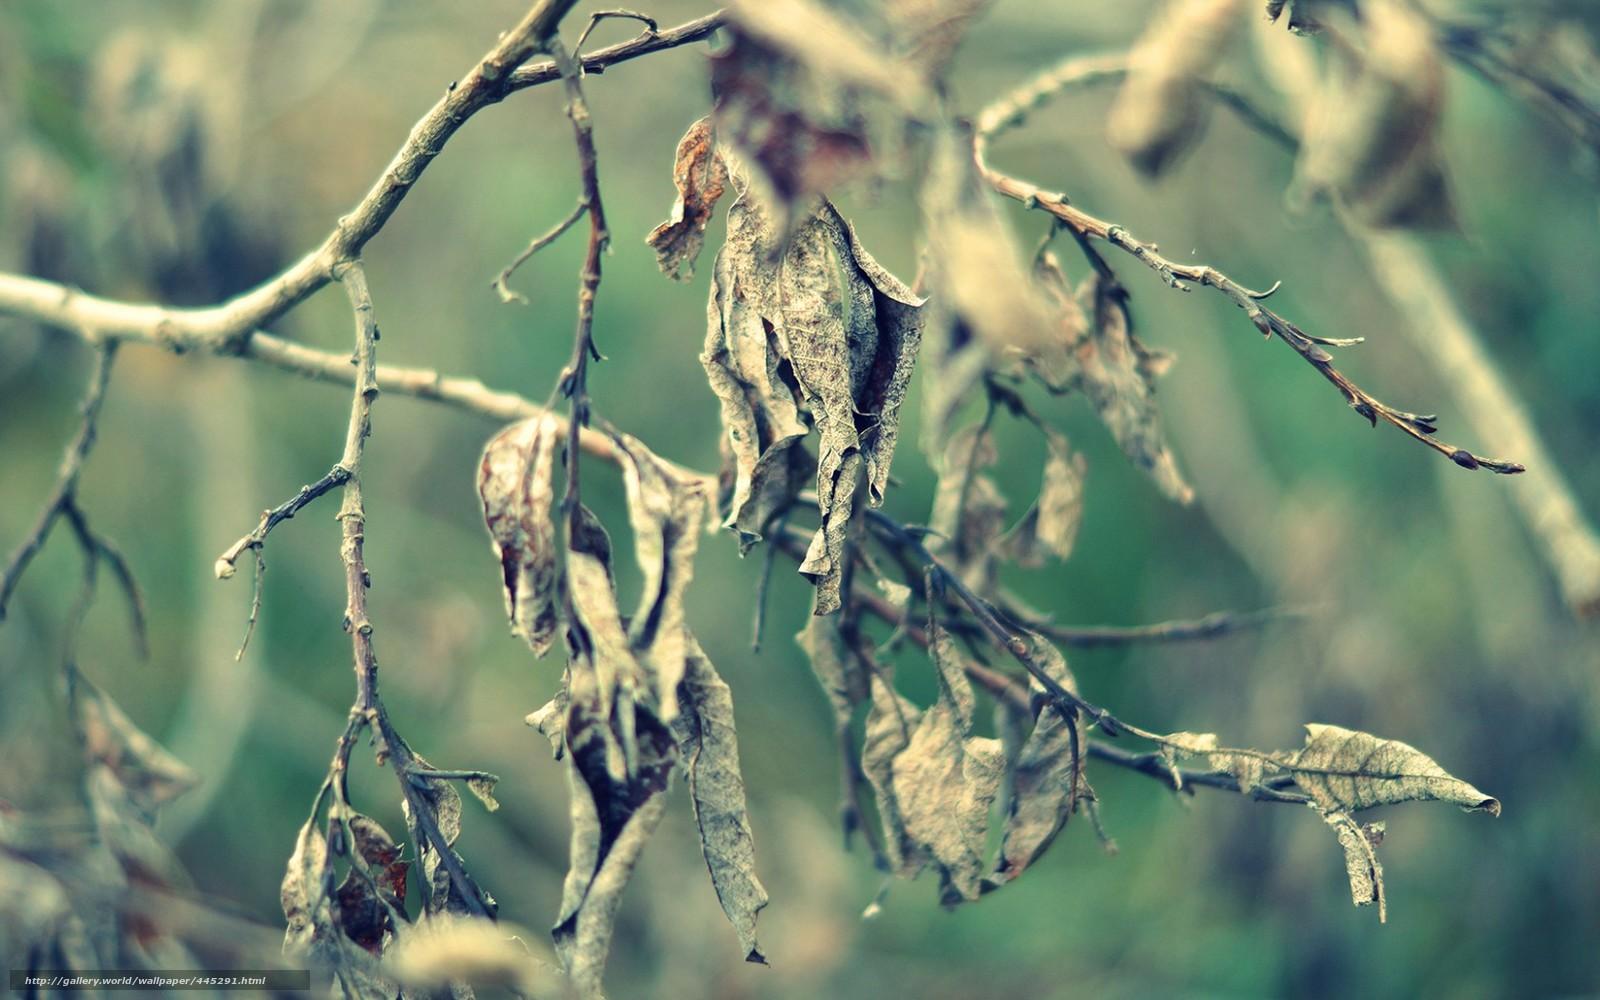 Сонник сухие ветки приснилось, к чему снится во сне сухие ветки?